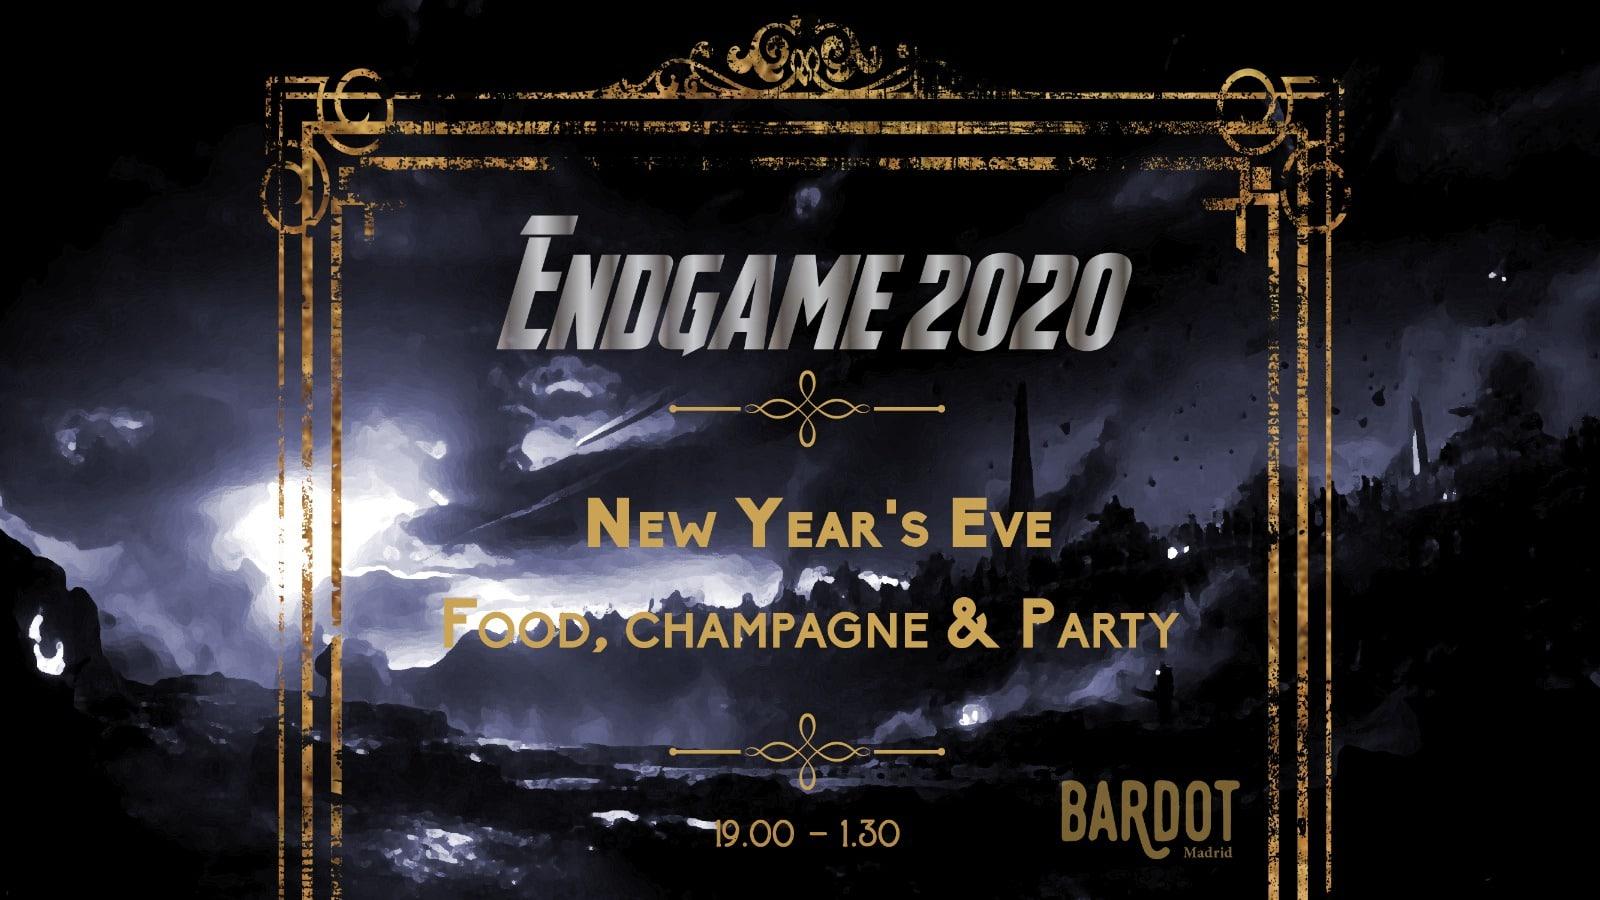 New Year's Eve at Bardot